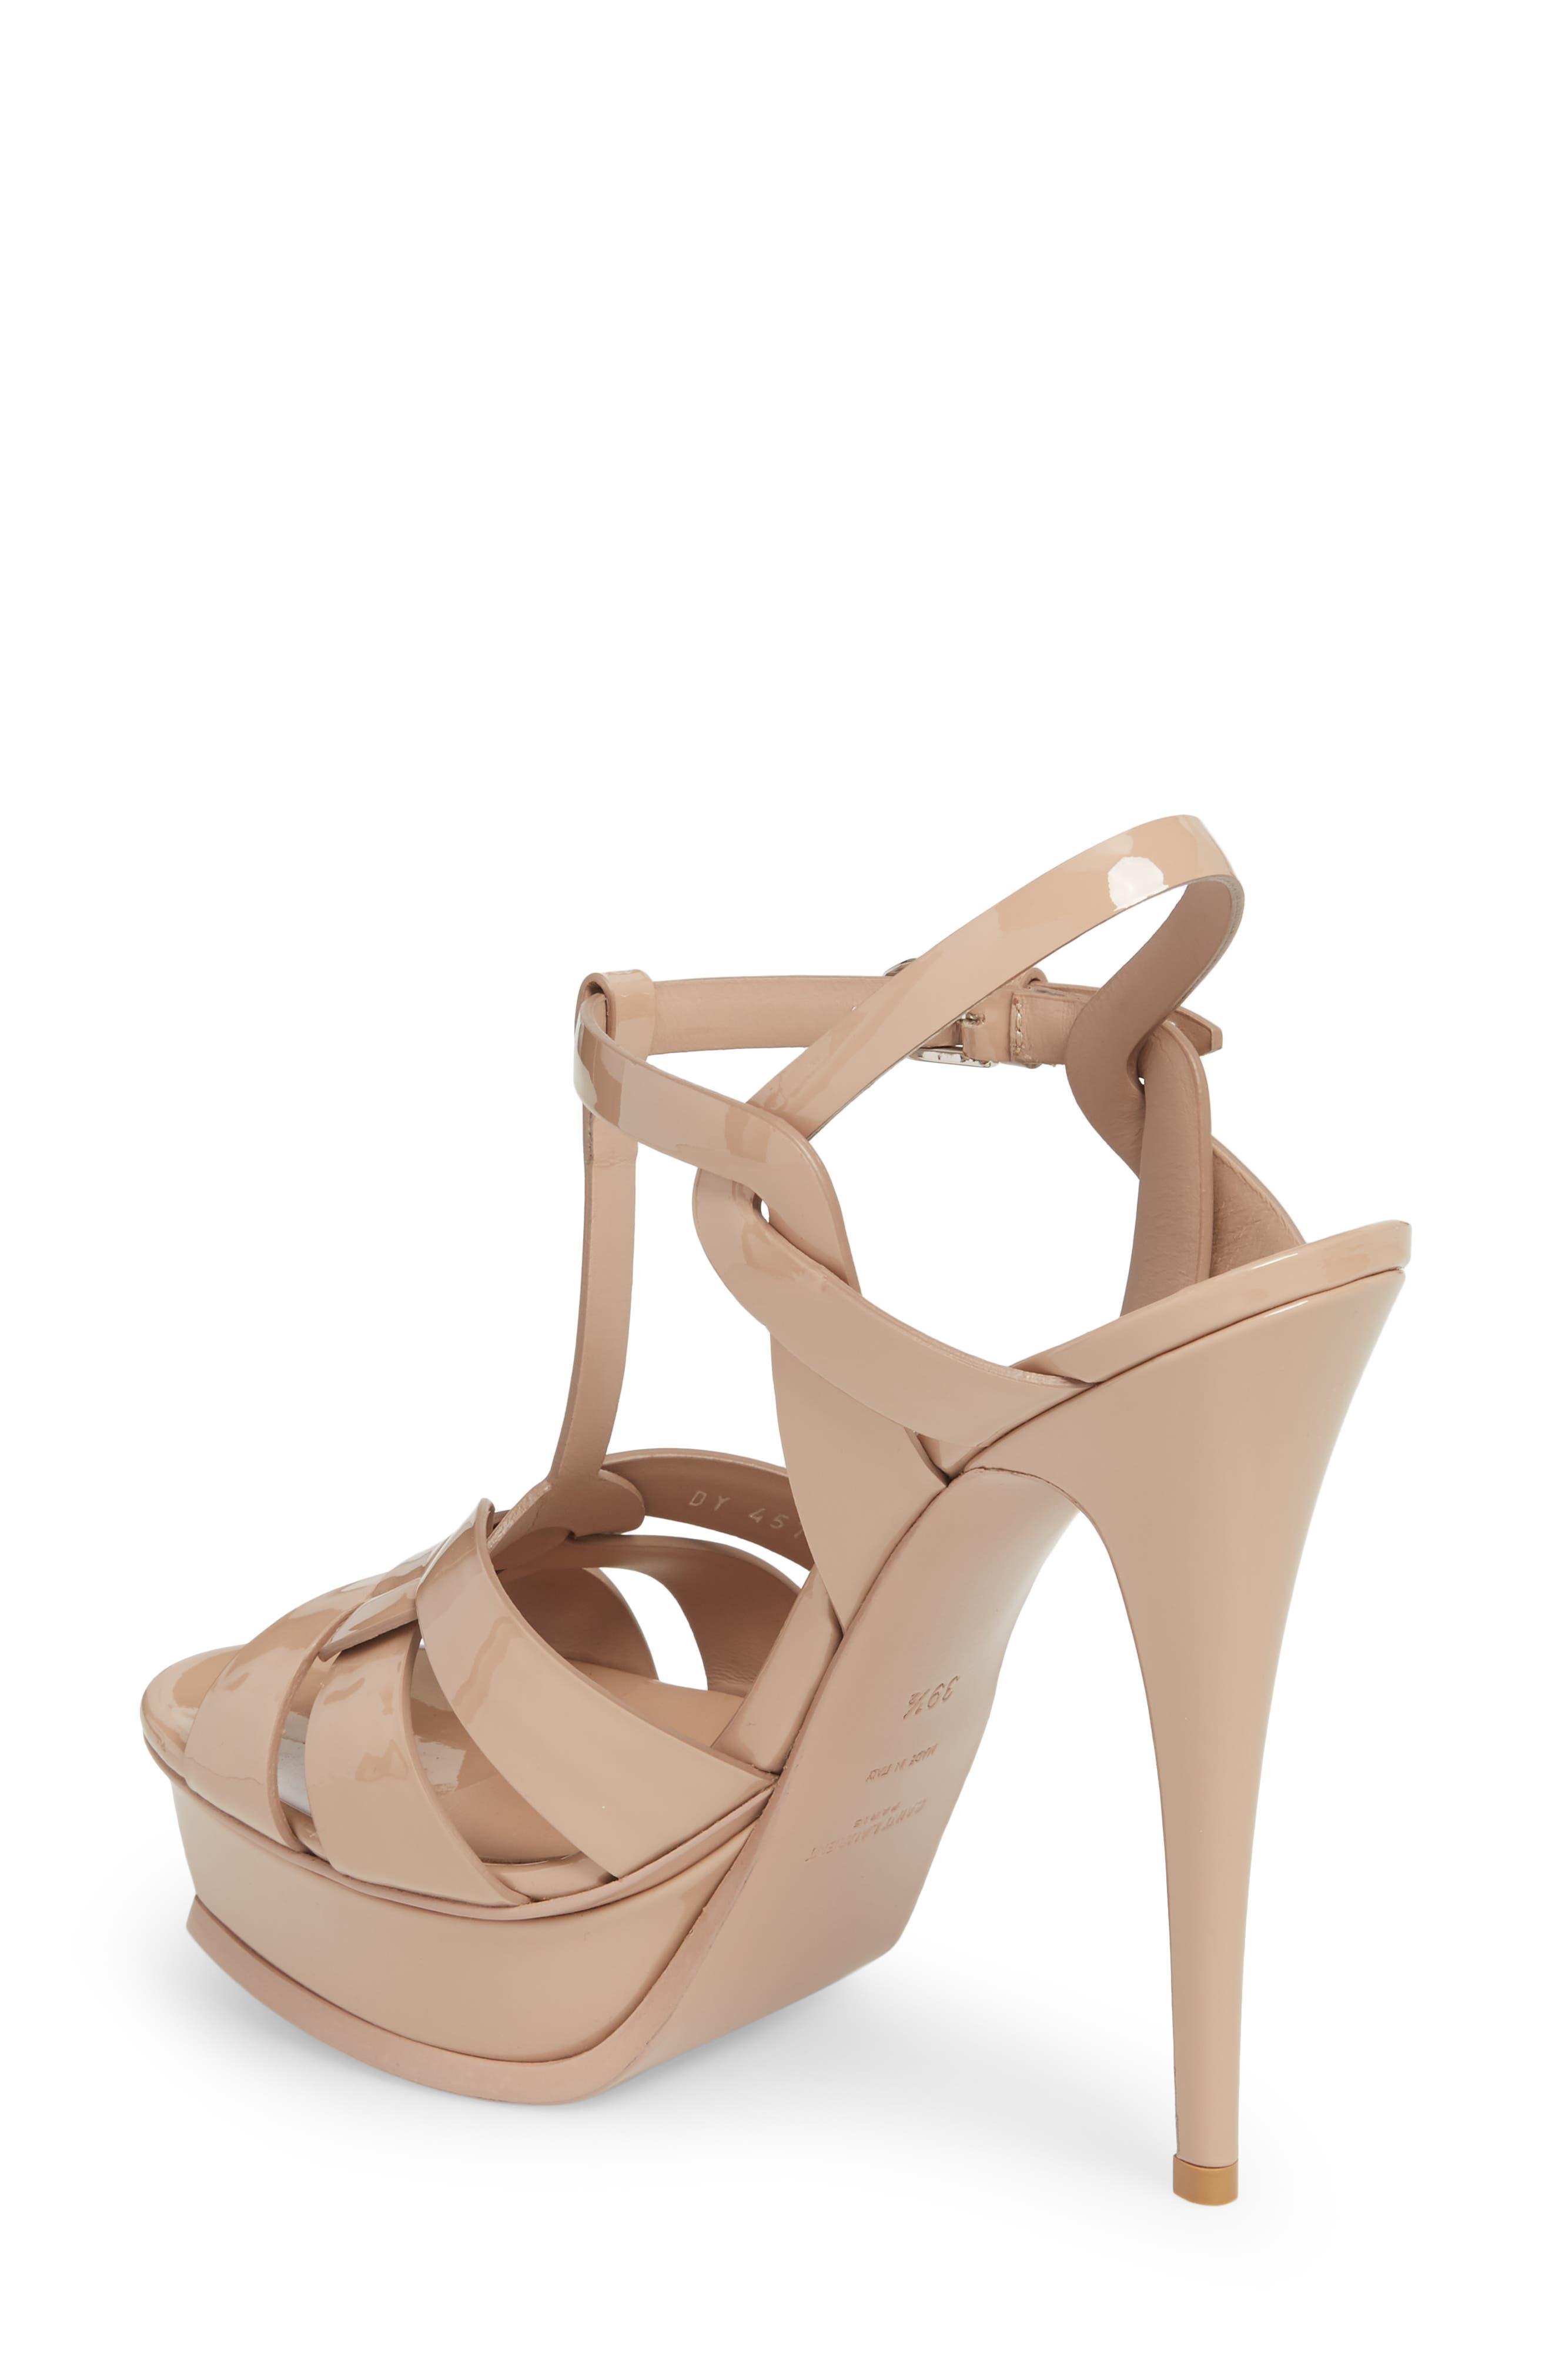 ee8527b36b36 Saint Laurent  Tribute  Shoes